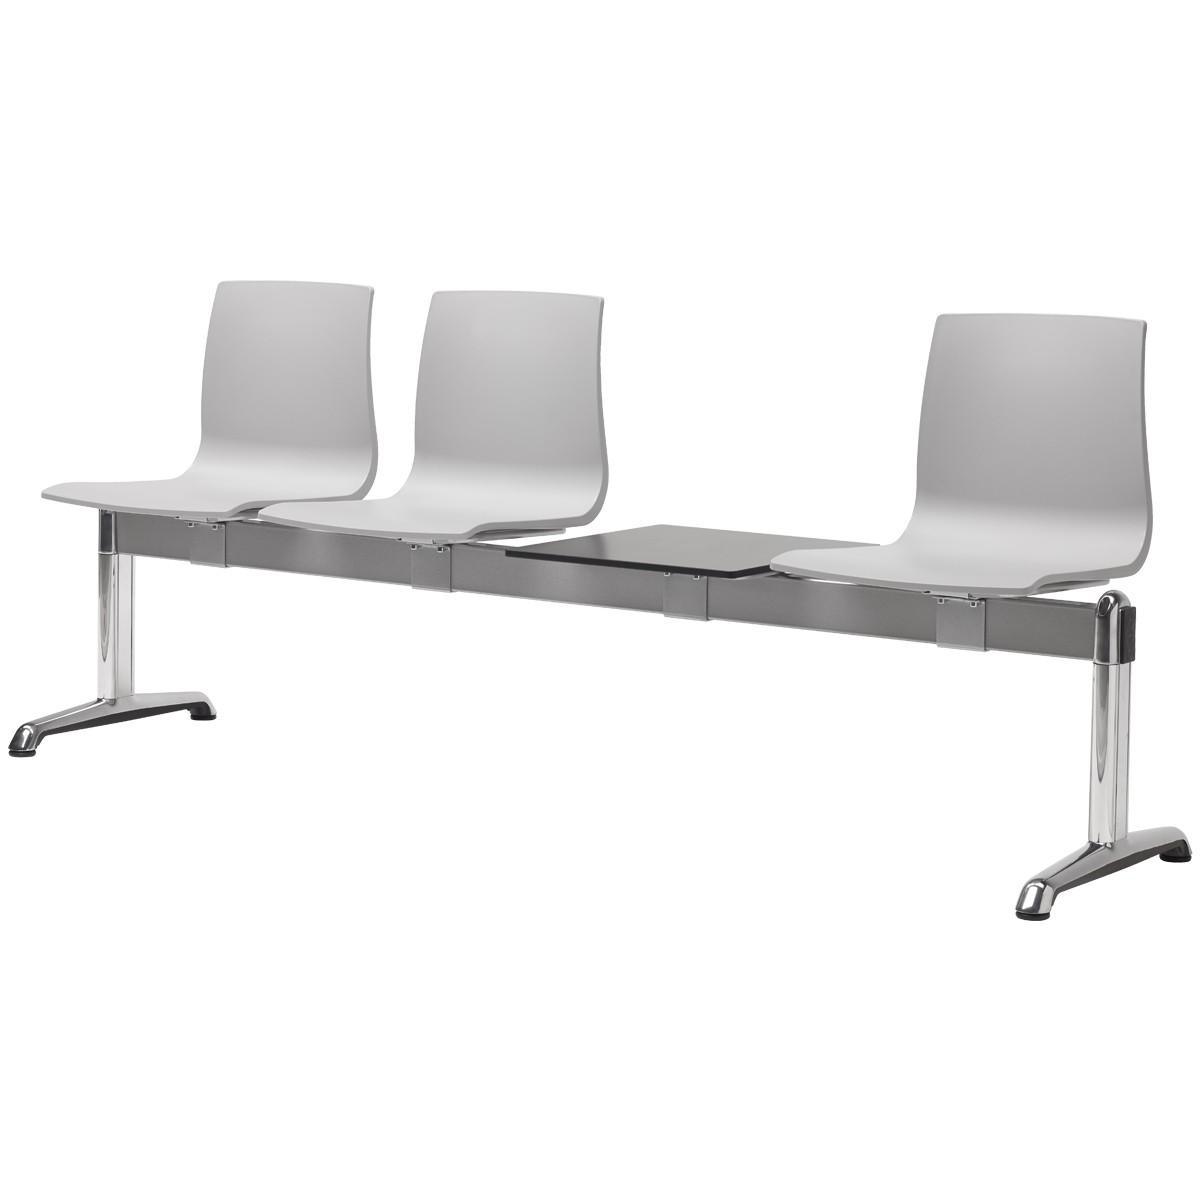 Ławka trzyosobowa do poczekalni ze stolikiem Alice Scab Design